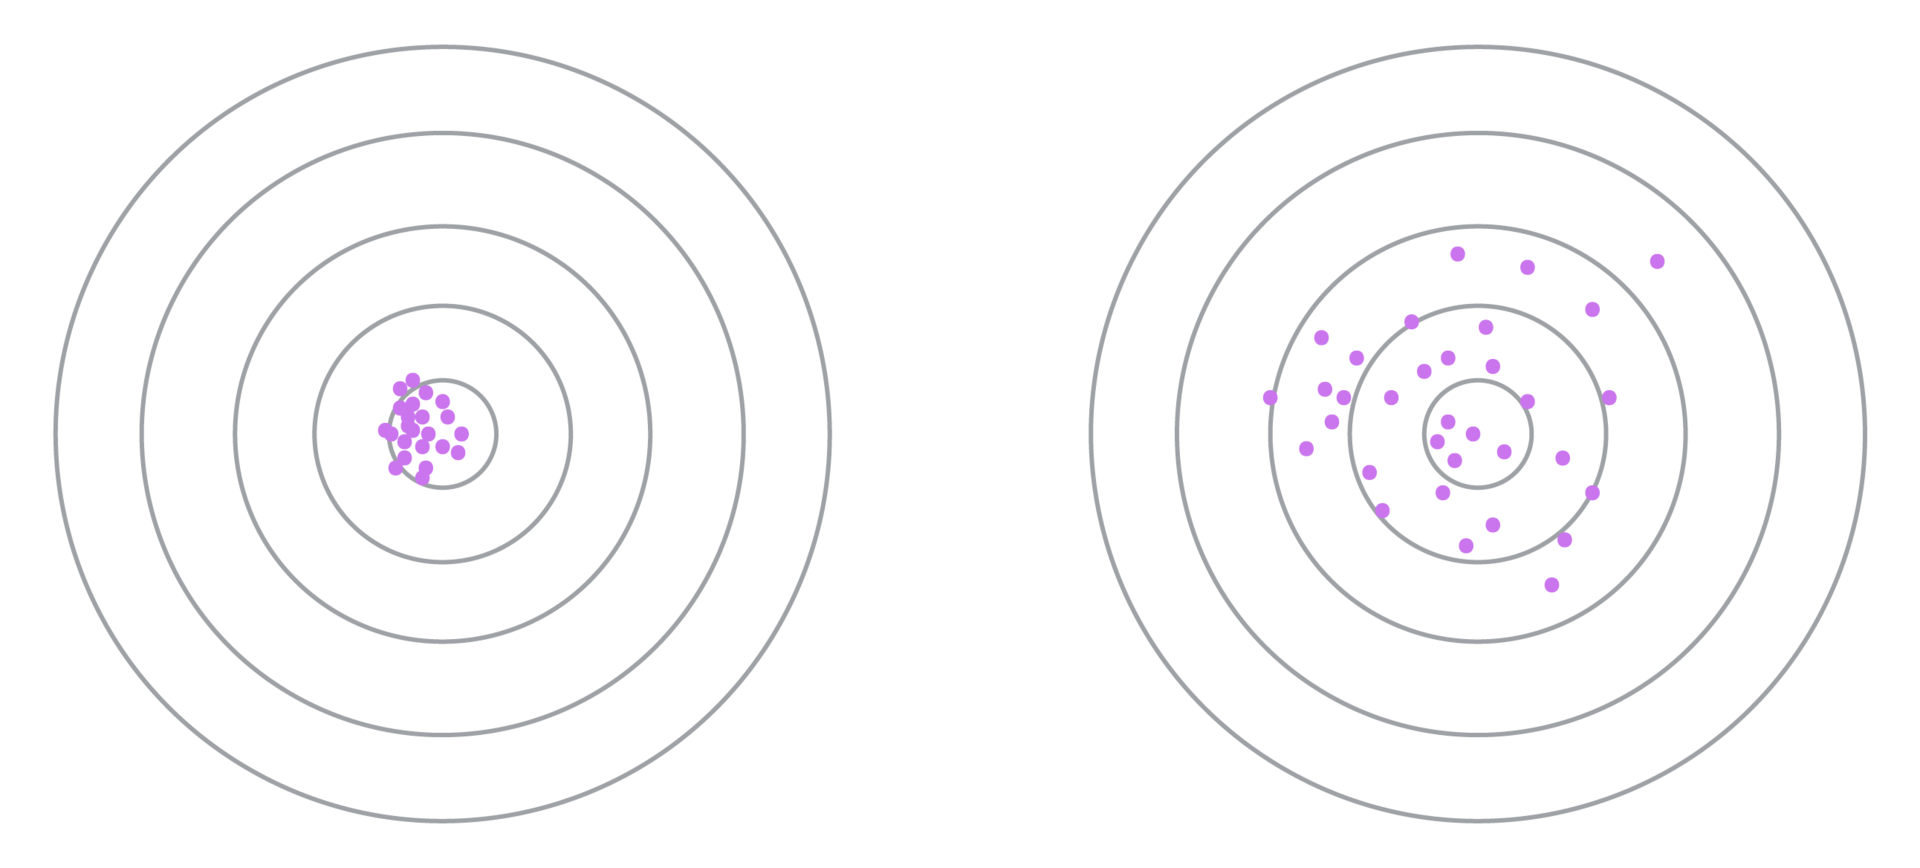 Использование различных метрик для кластеризации ключевых запросов - 68